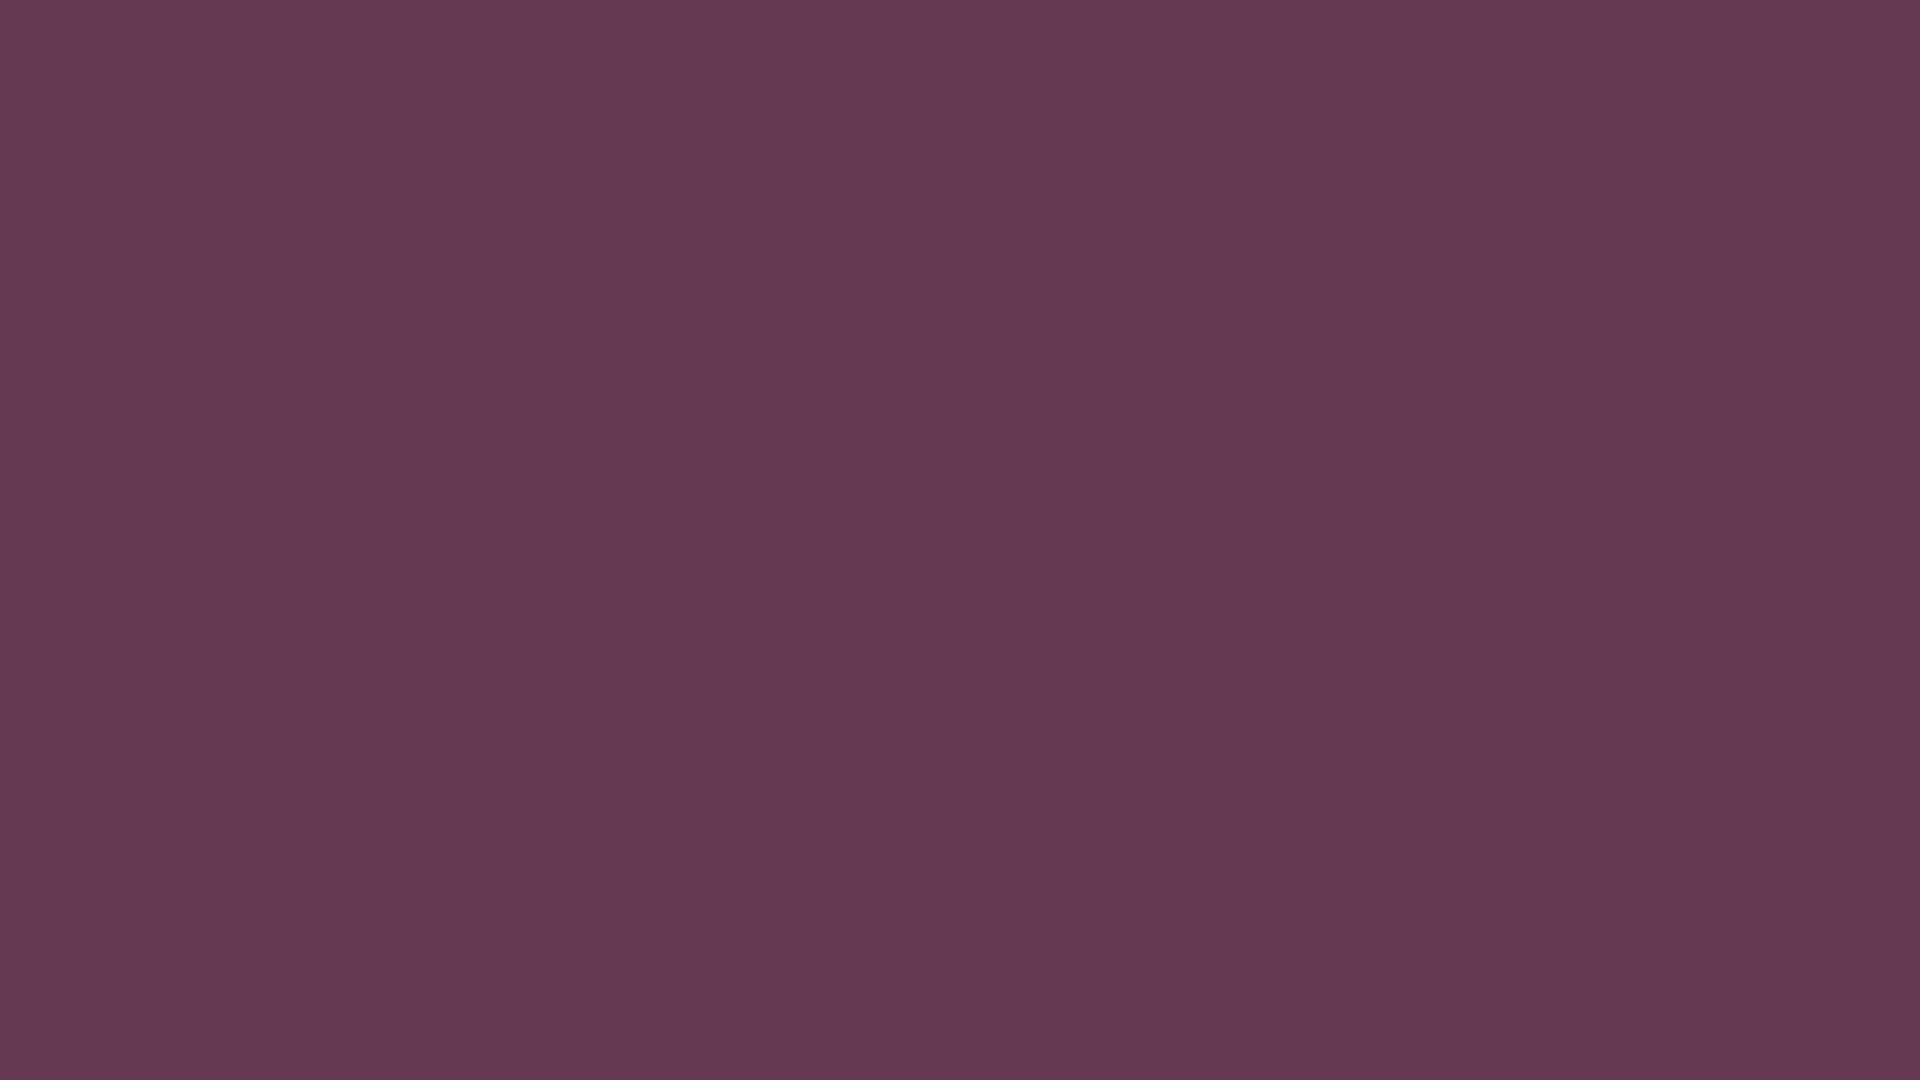 1920x1080 Halaya Ube Solid Color Background